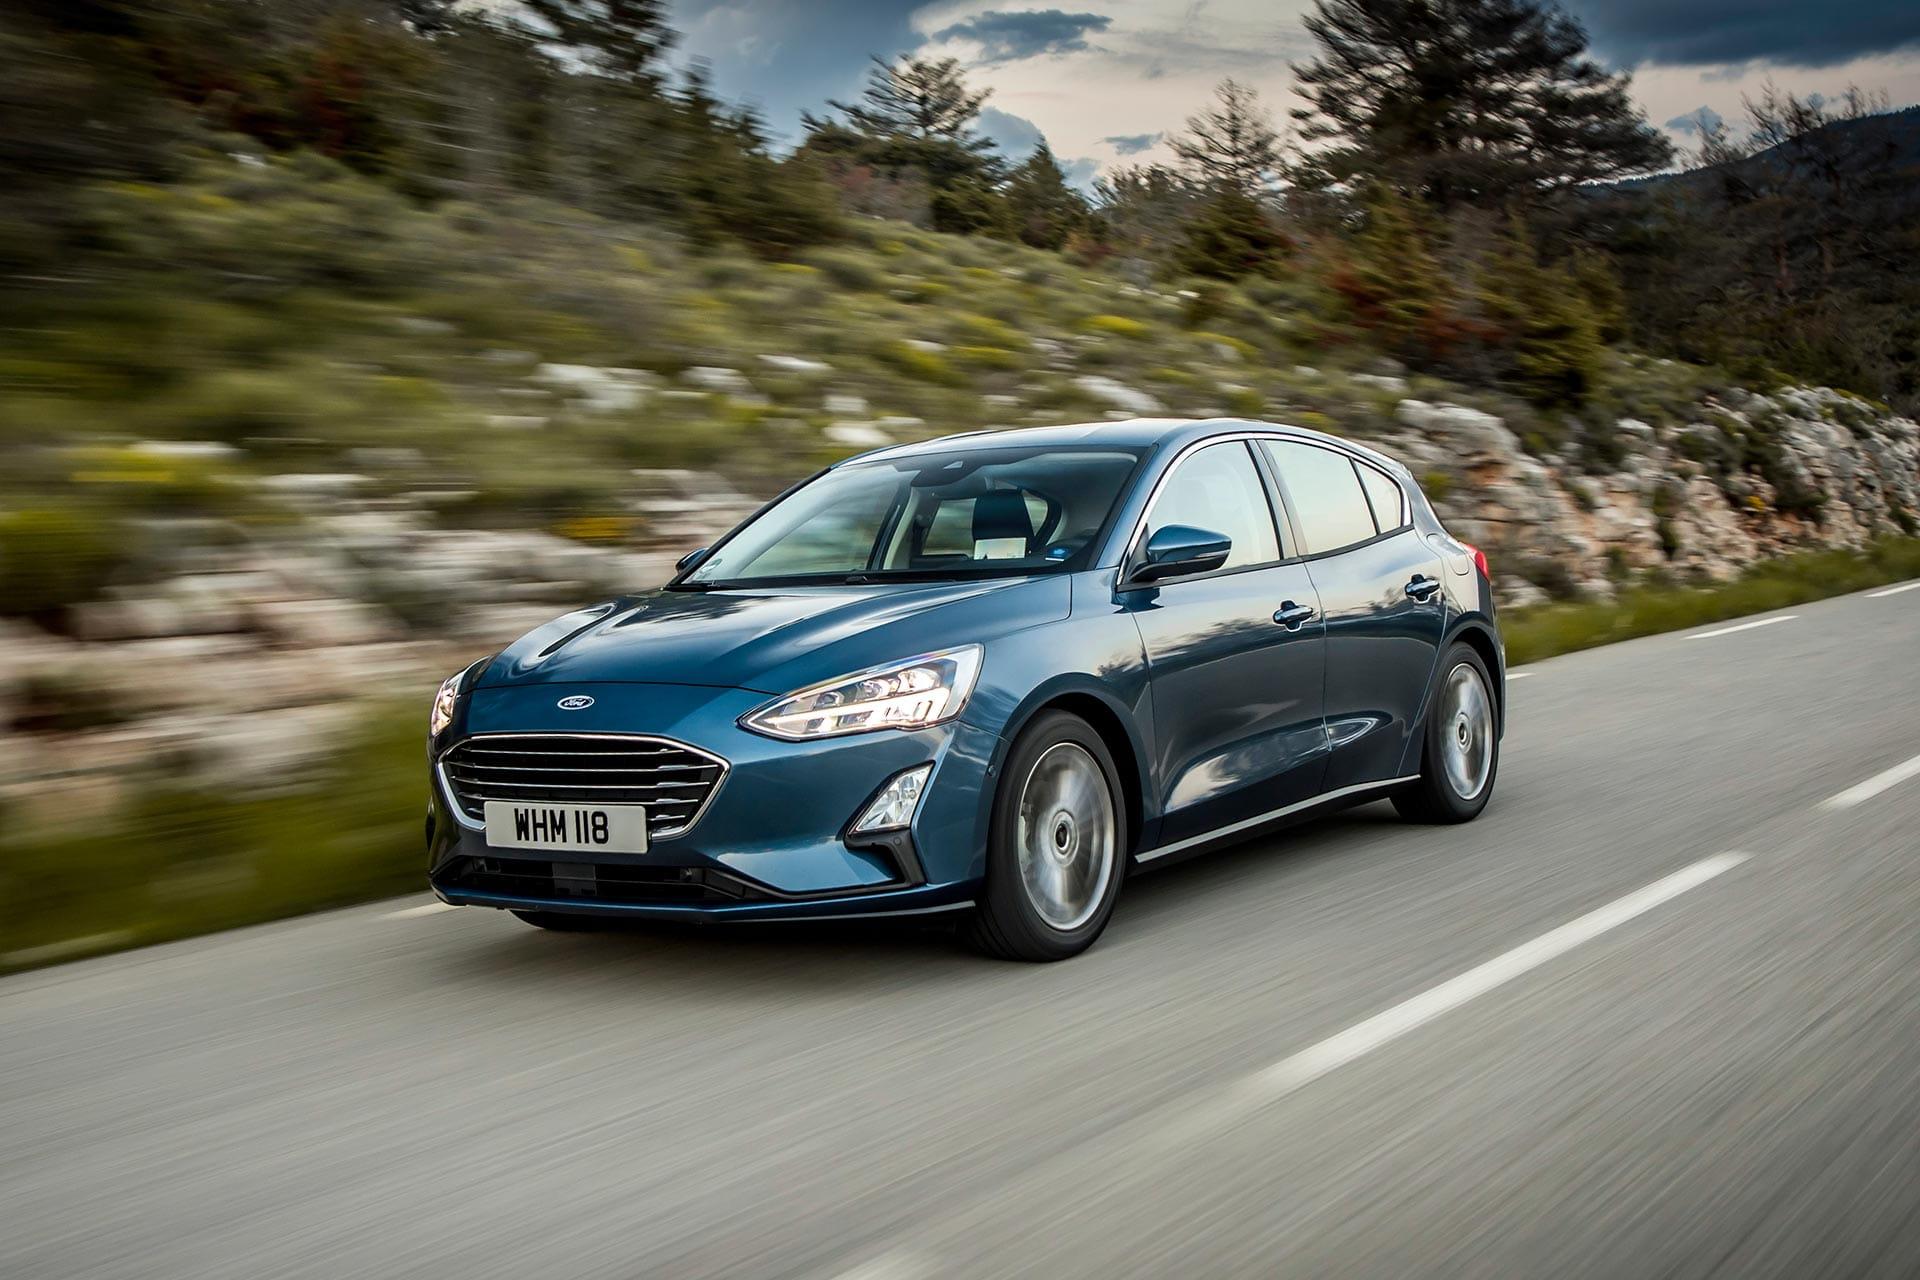 renting ford focus 1.5 ecoblue trend exterior delantero